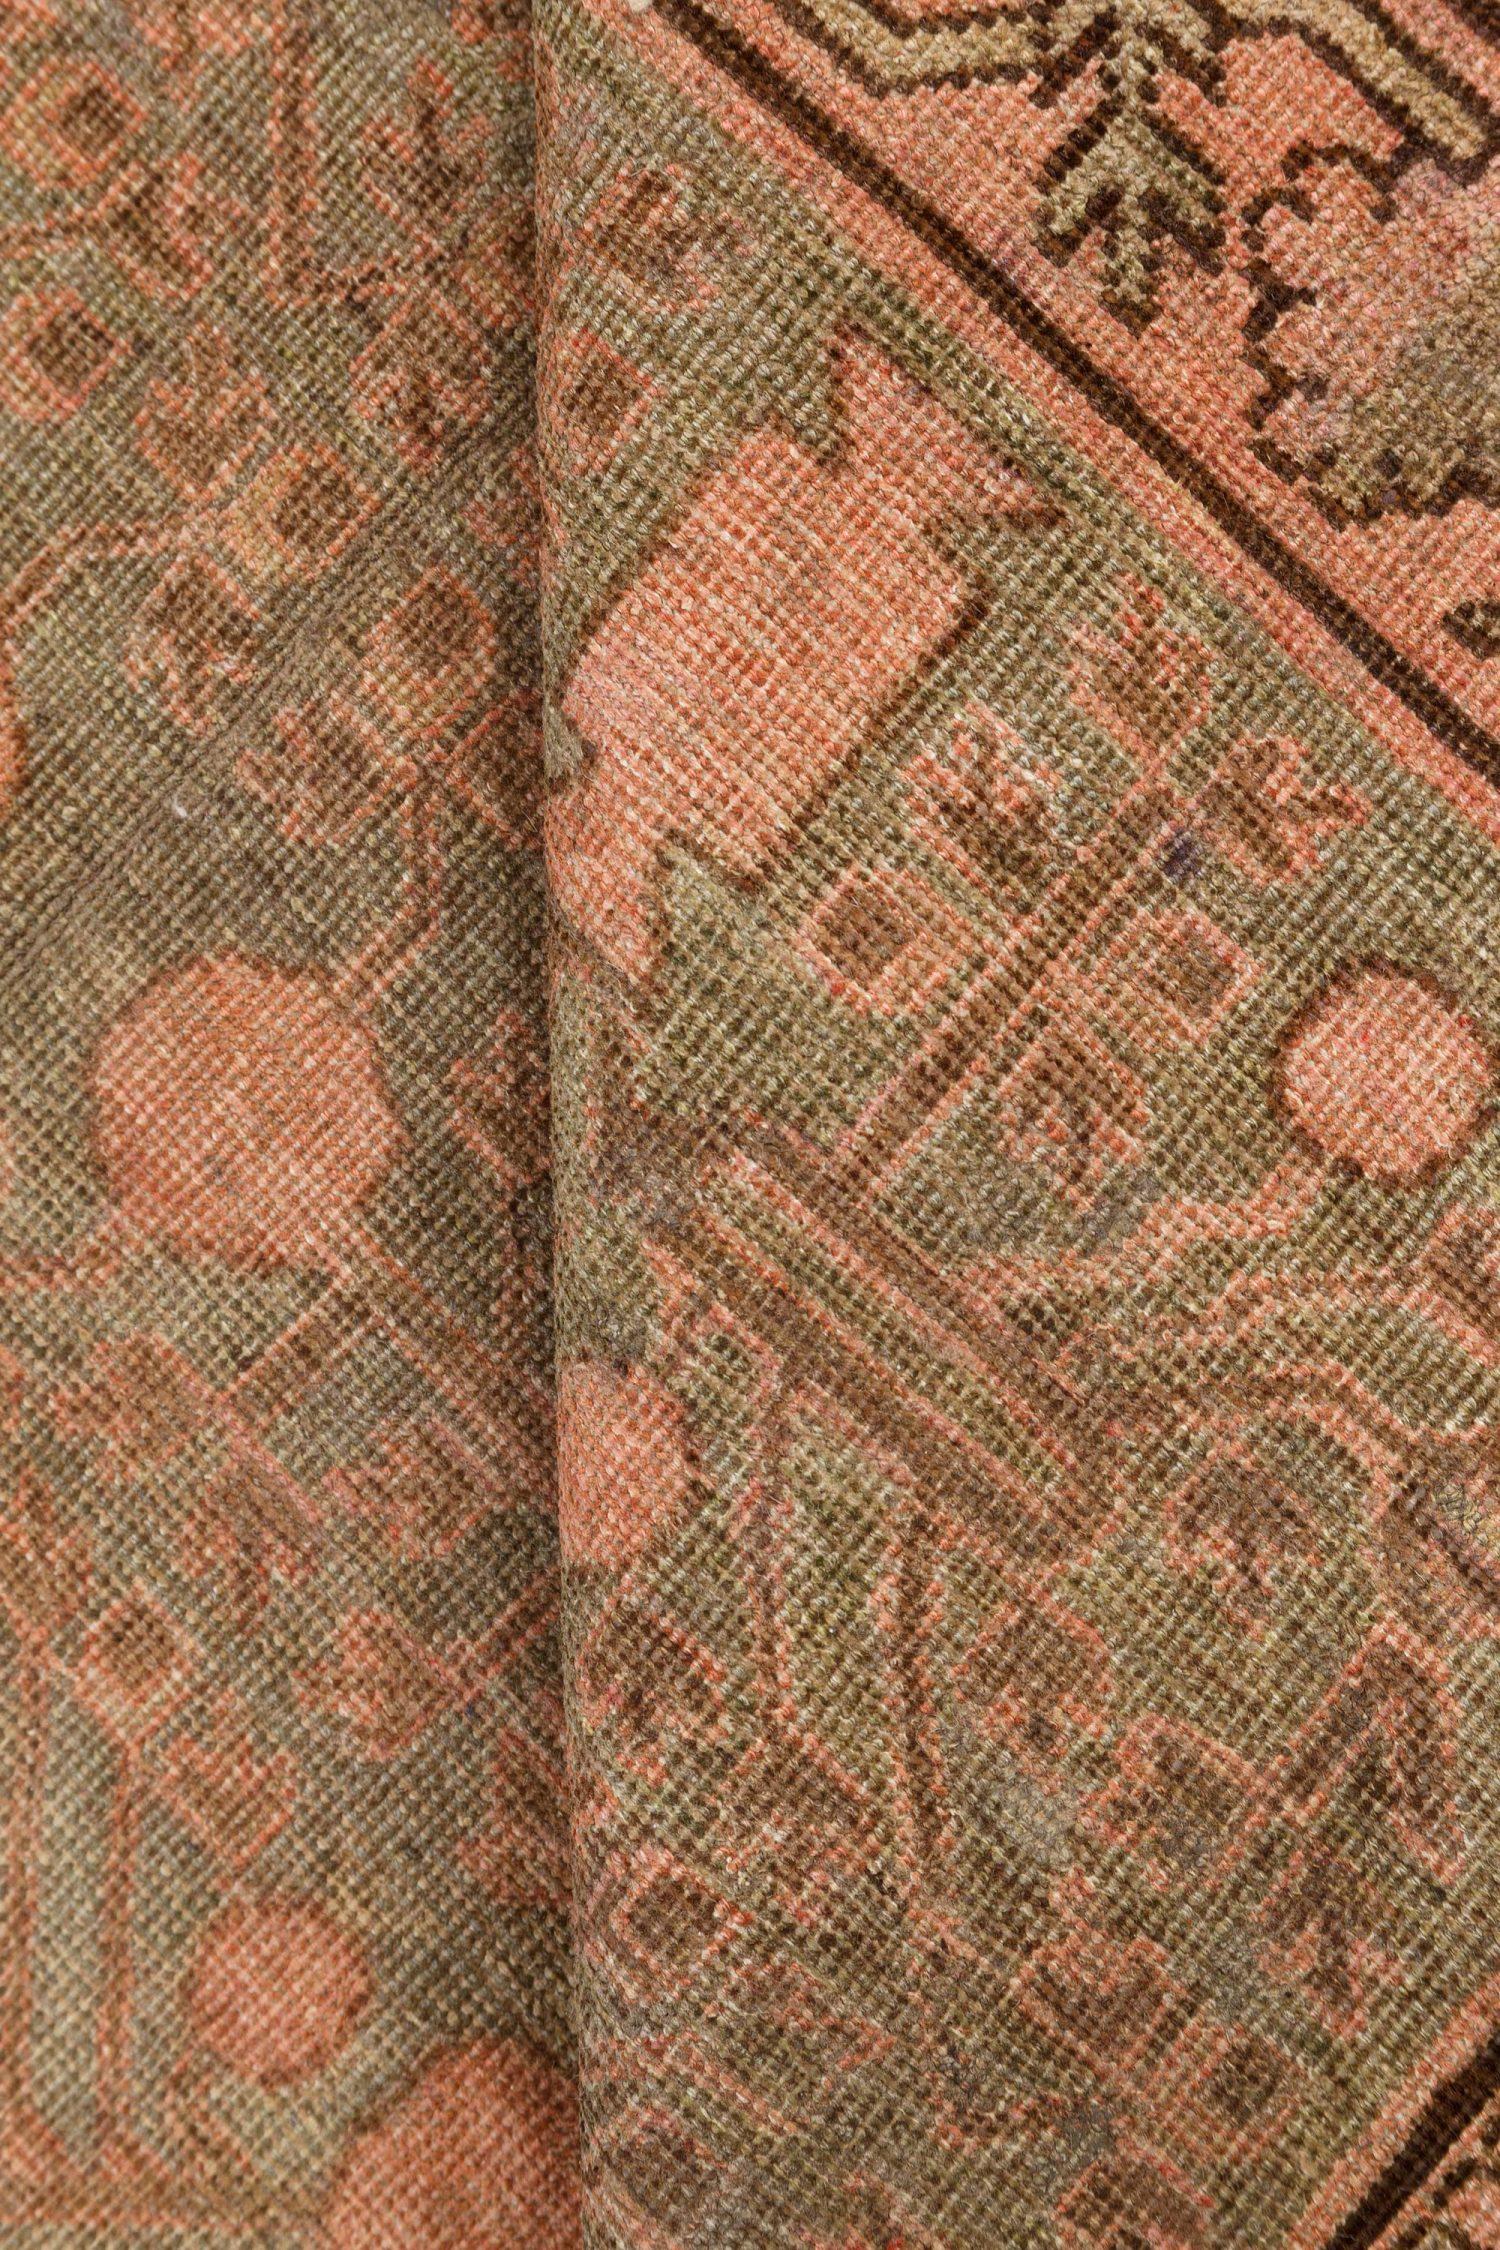 Vintage Samarkand (Khotan) Carpet BB7442